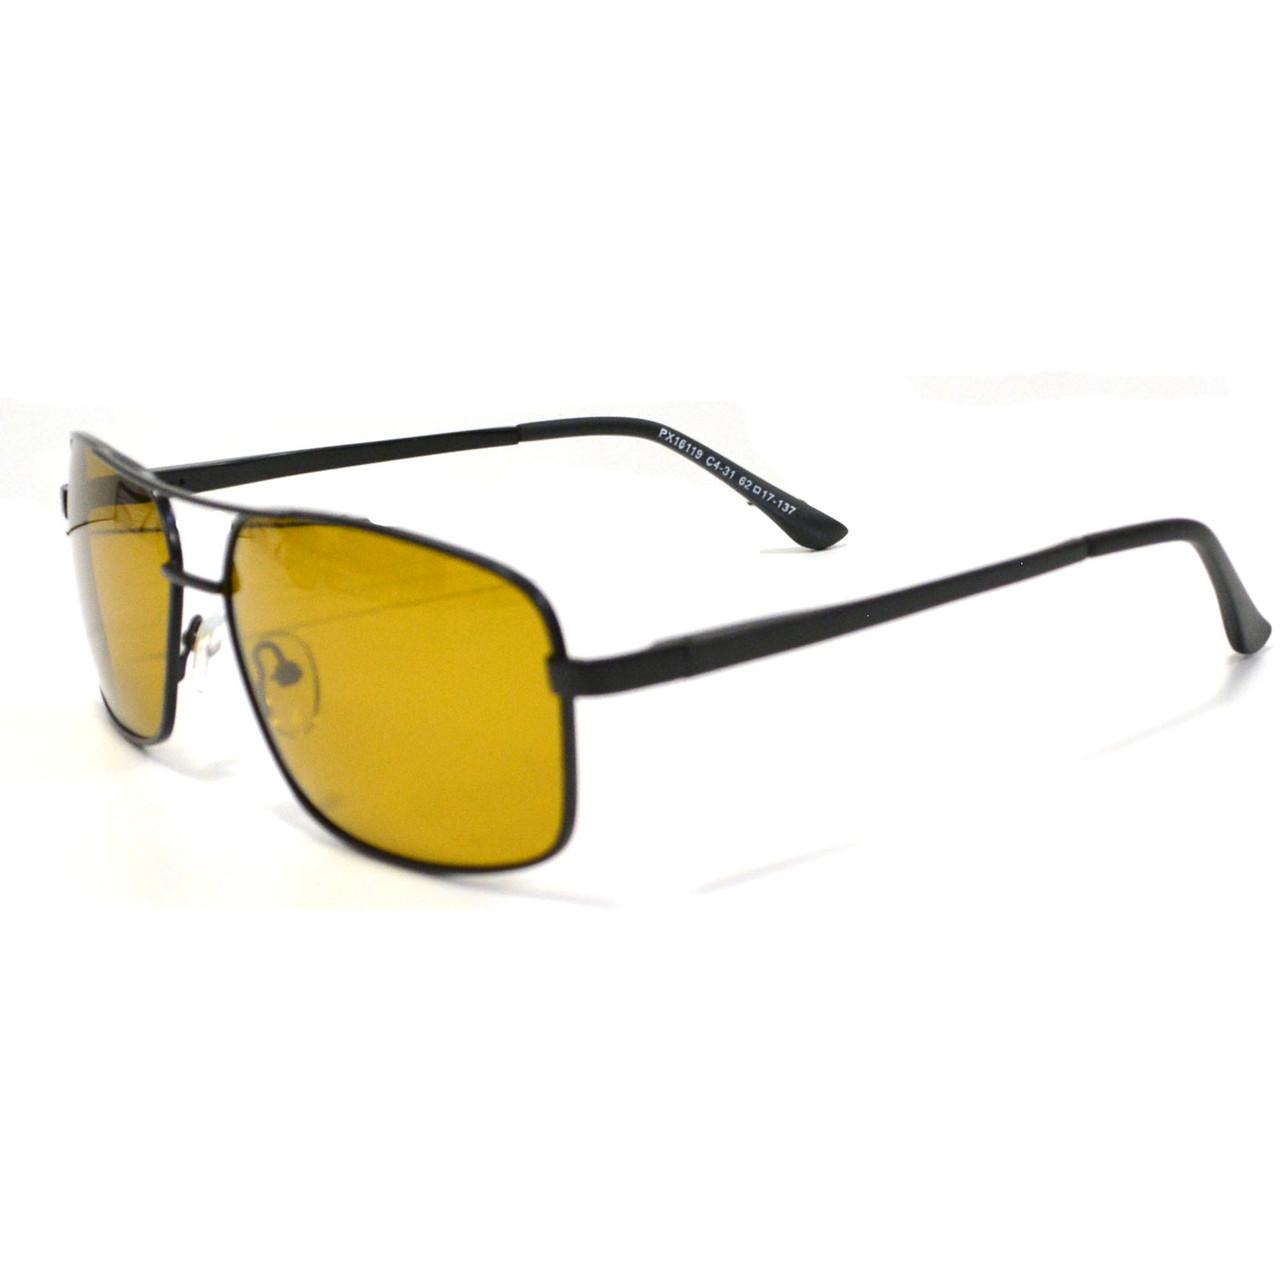 Солнцезащитные поляризационные очки ПОЛАРОИД UV400 тонкая сдвоенная оправа коричневые стекла АВТО PX16119 - фото 4